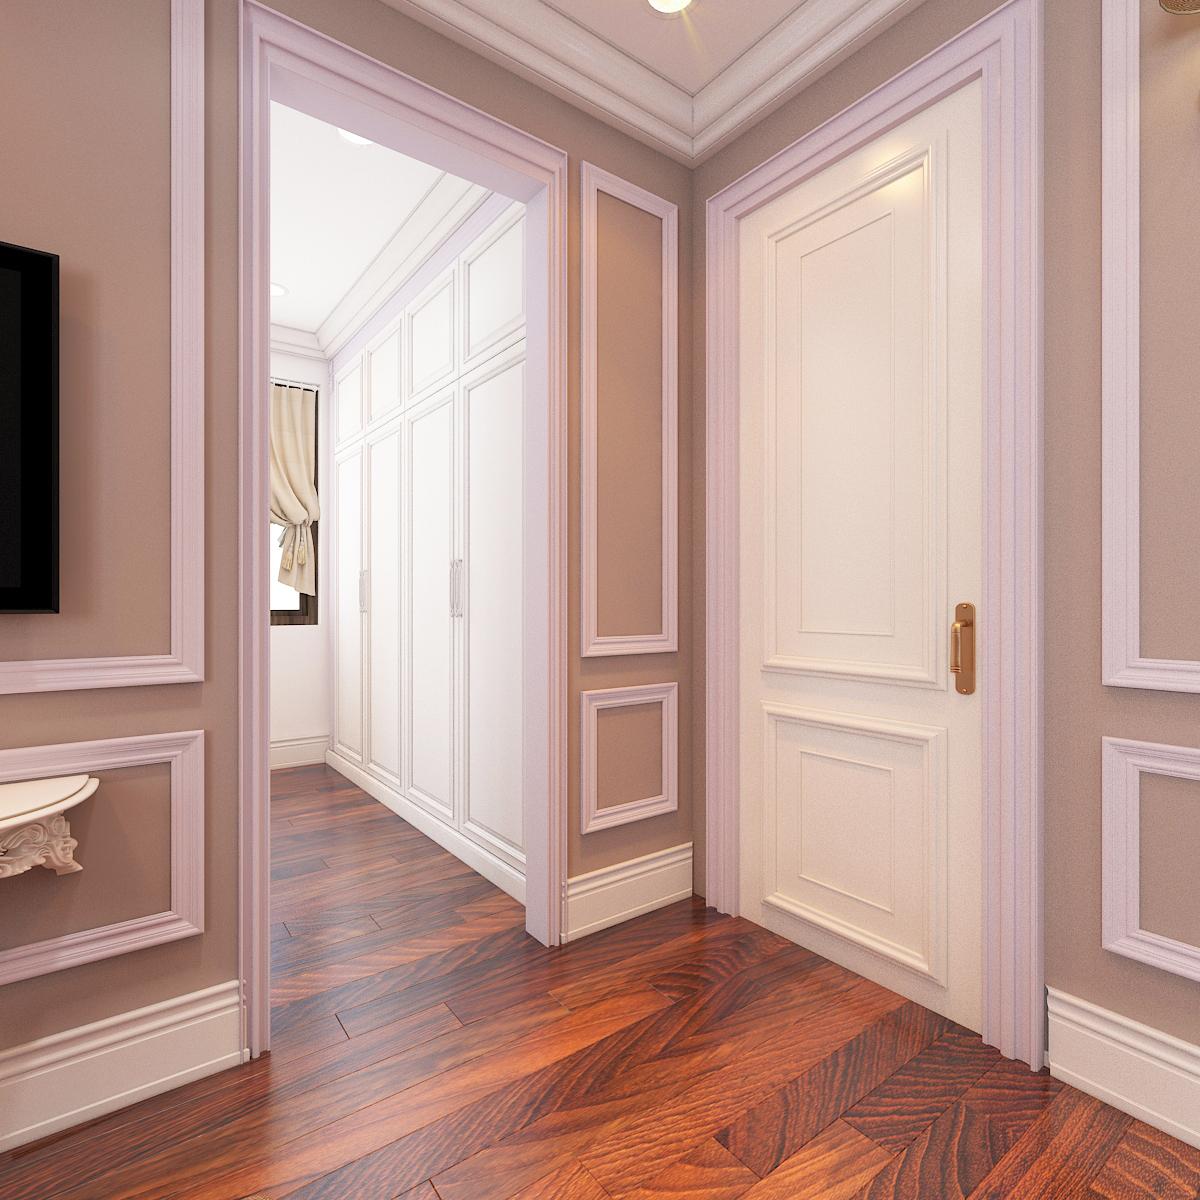 thiết kế nội thất Biệt Thự tại Hà Nội bt Vinhomes - riverside 42 1568276278